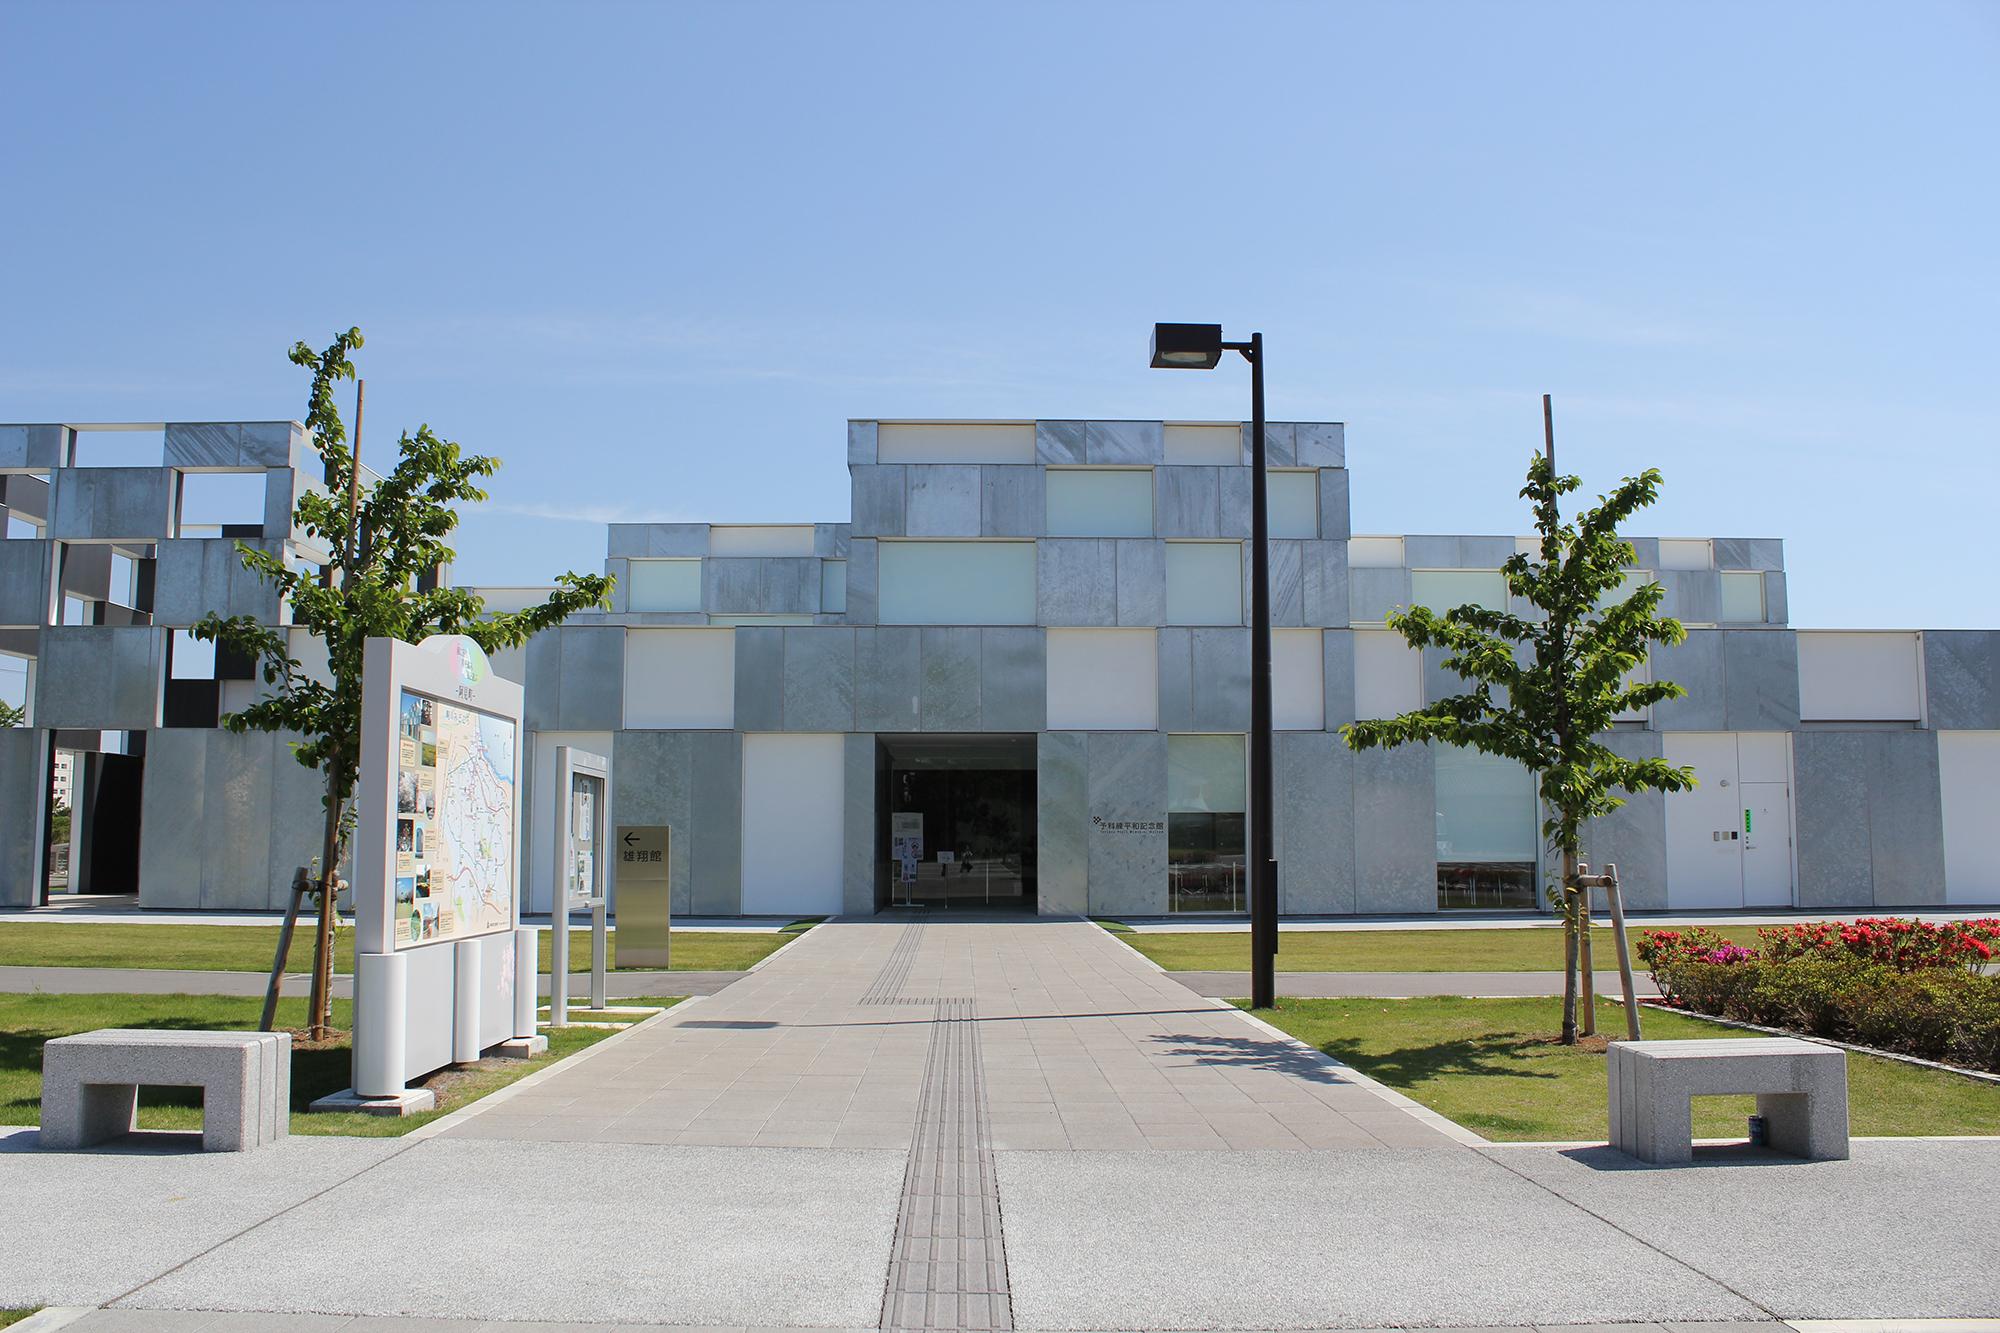 茨城県阿見町で戦争の歴史を学び、平和について考える ~予科練平和記念館~